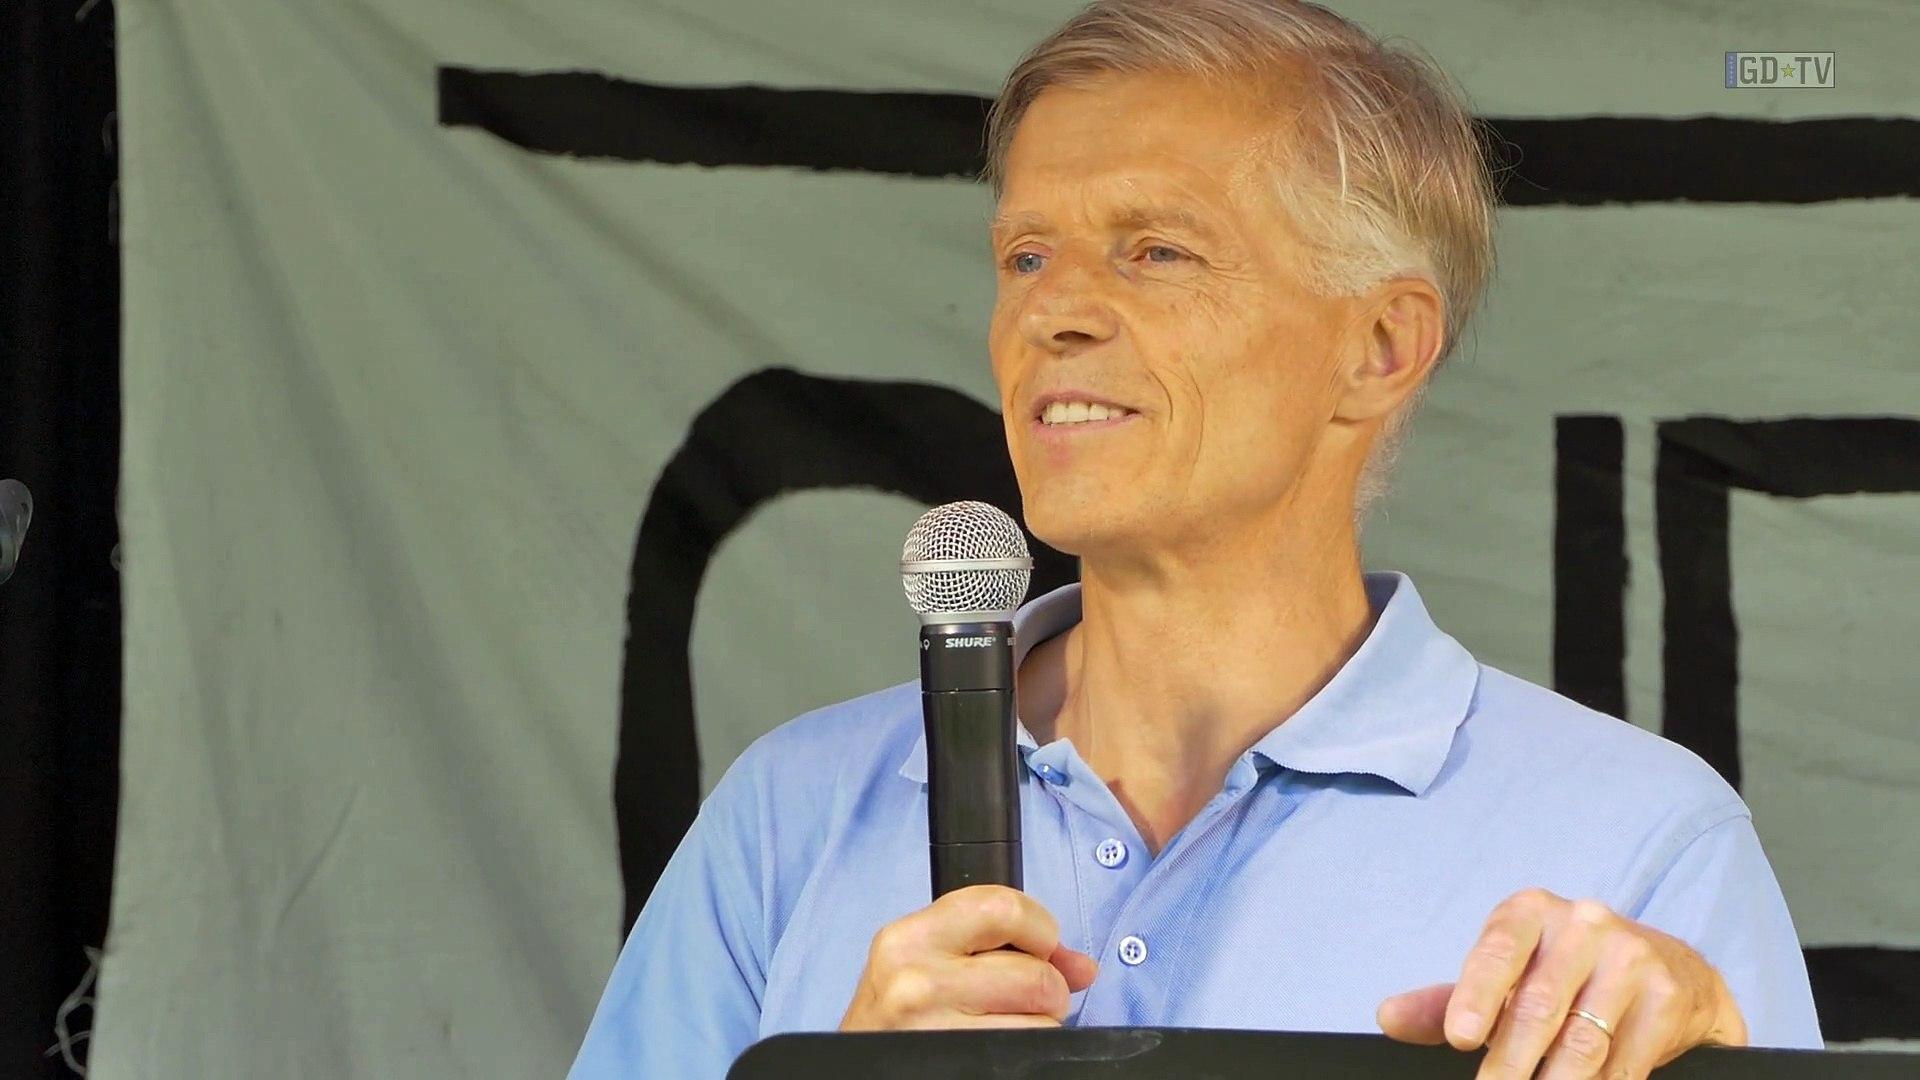 Wer profitiert vom Lockdown? Rede von Prof. Dr. Christian Kreiß auf der Corona-Demo vom 13.6.2020 in